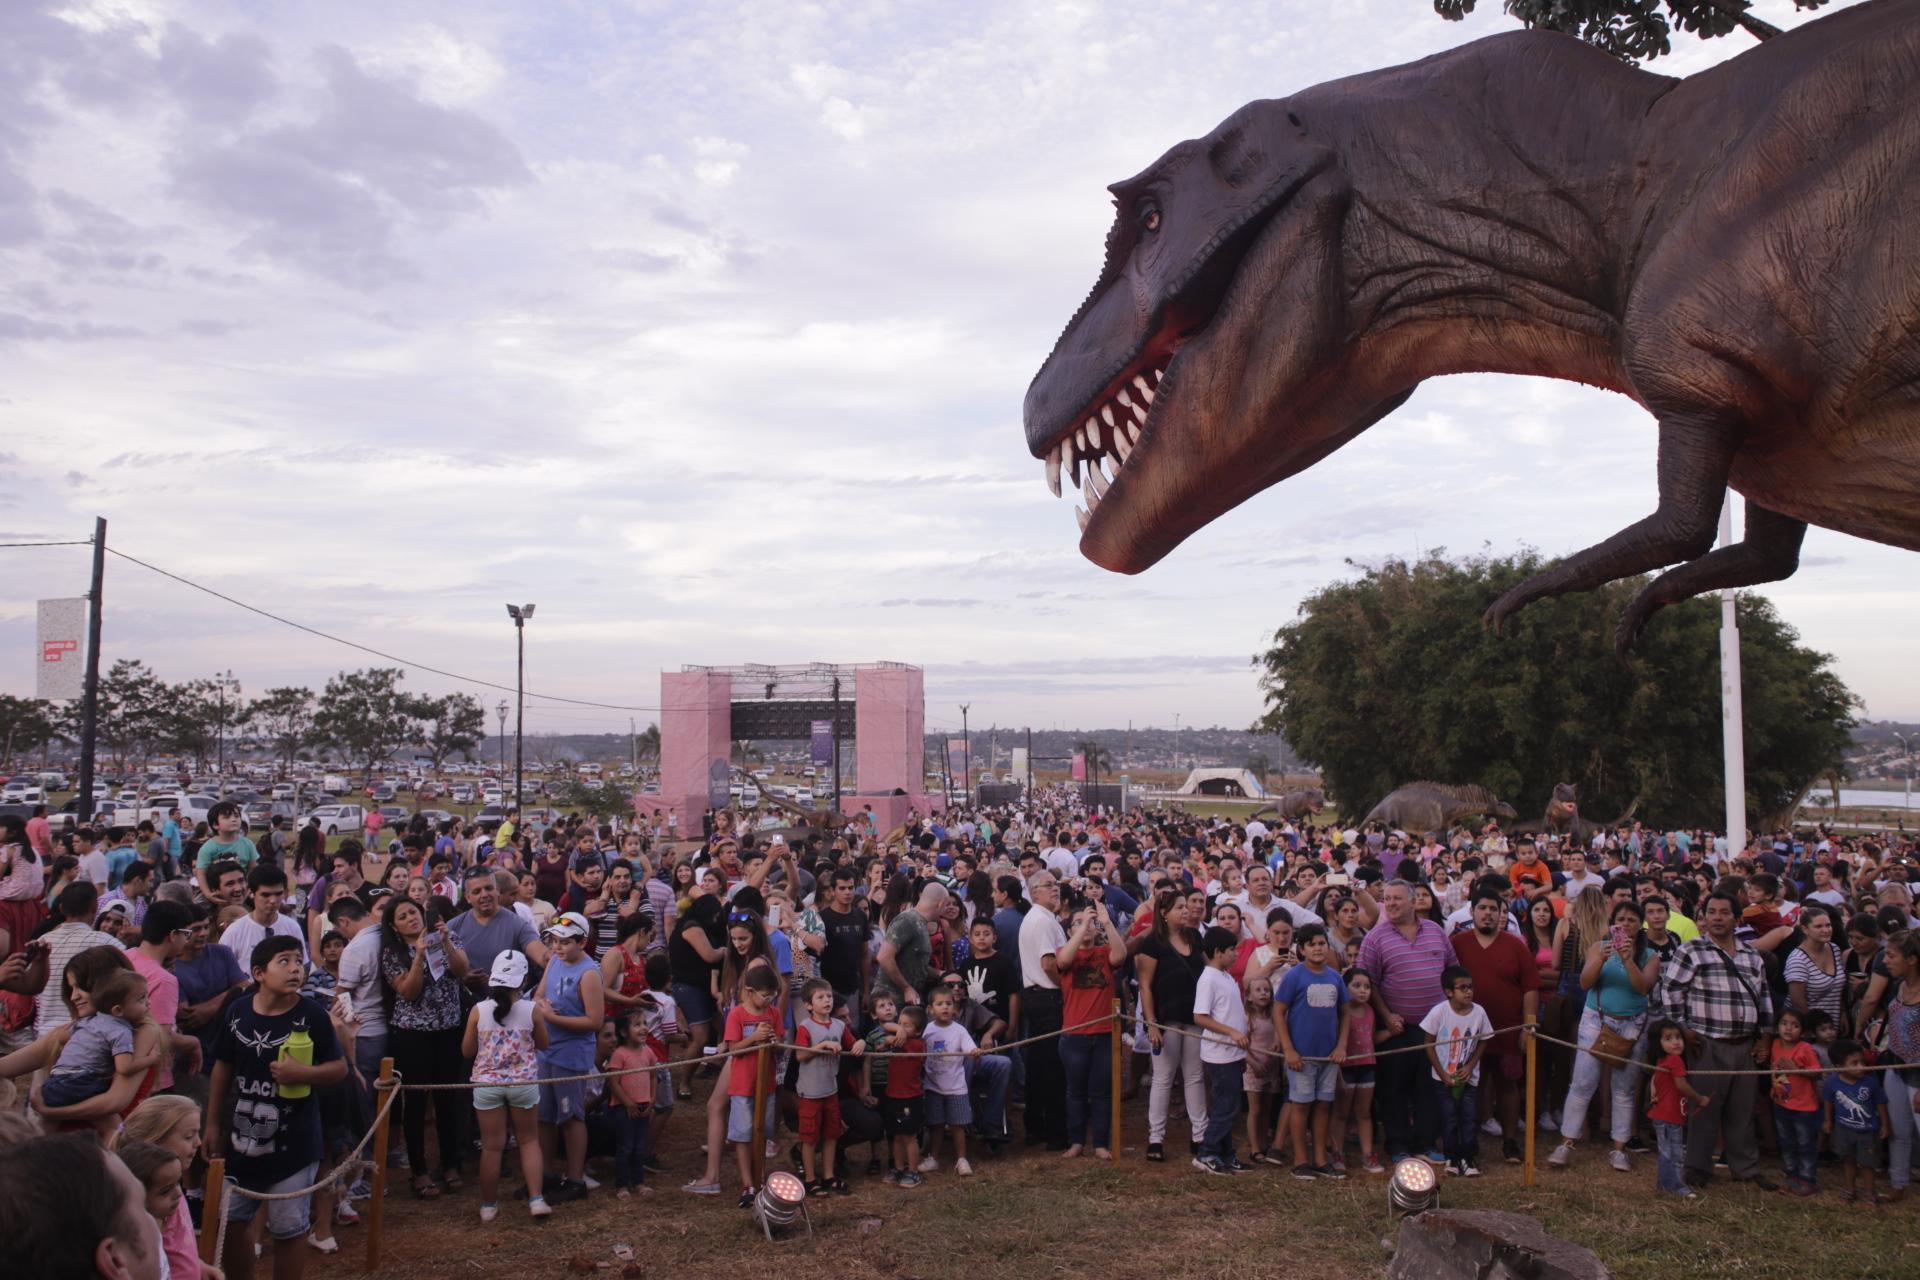 72ba3d1102 ... ya recibió cerca de medio millón de visitantes en la provincia de  Misiones, donde continuará brindando diferentes espectáculos, atracciones y  ...